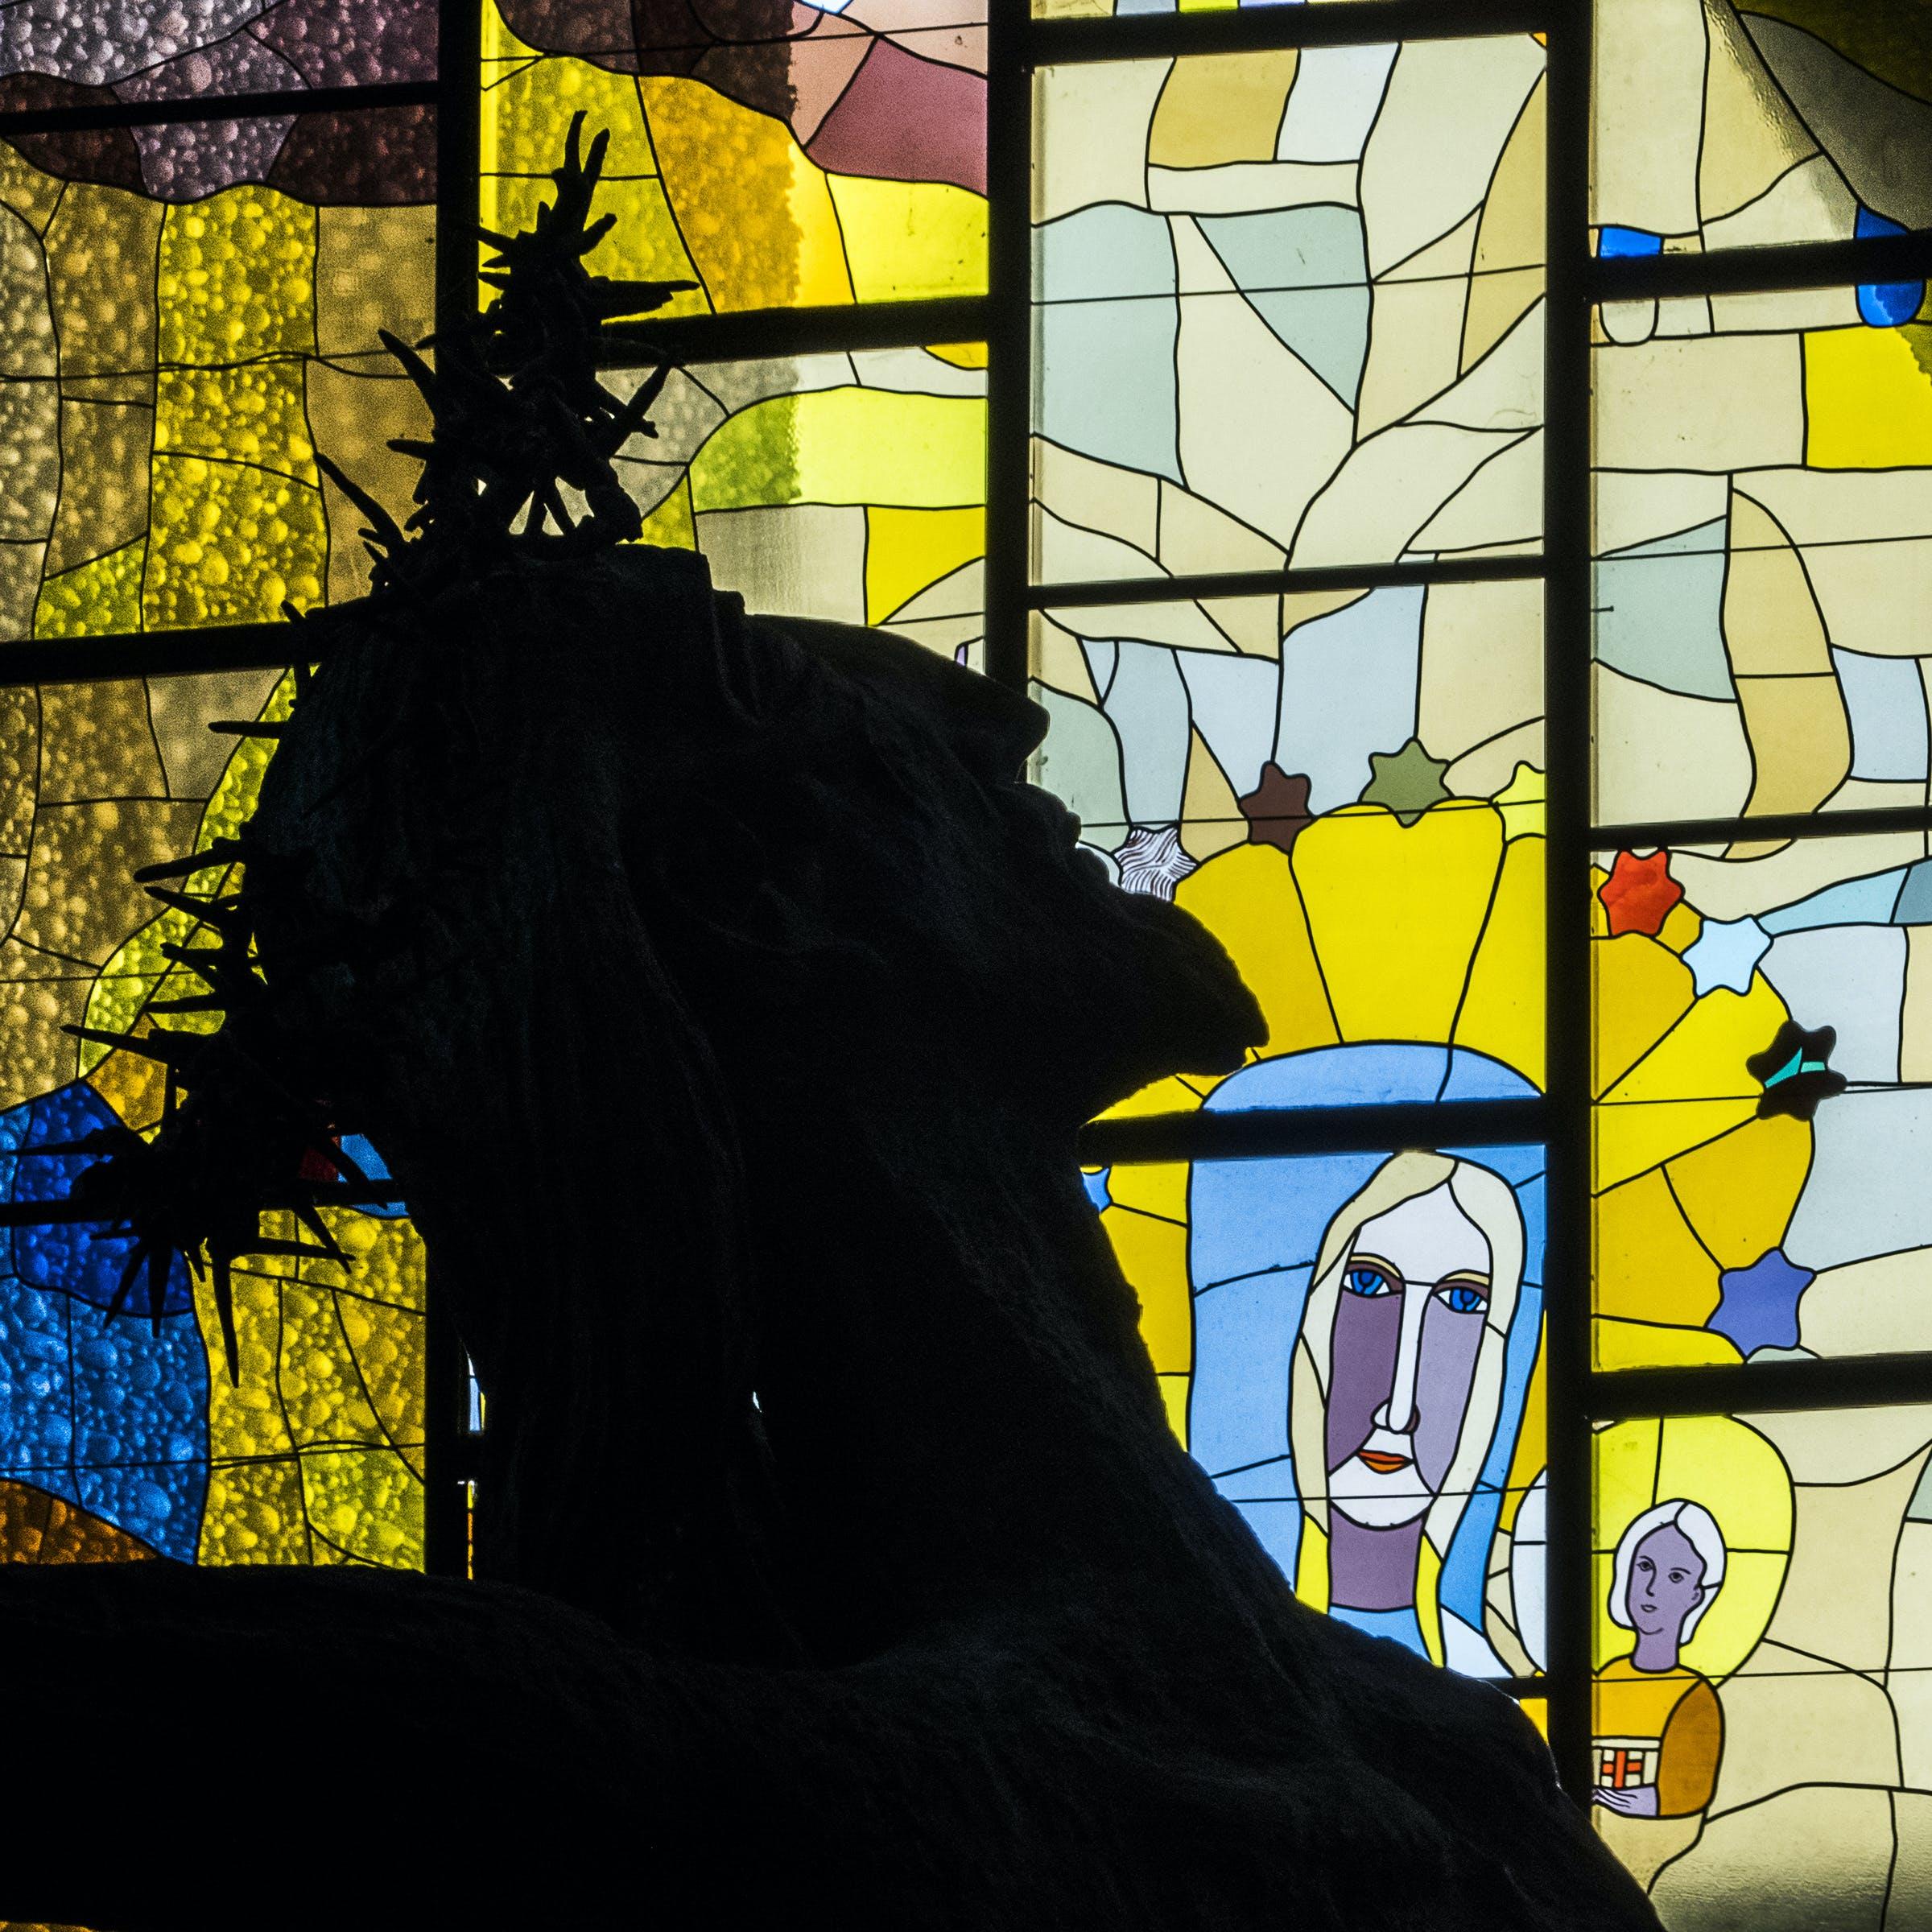 Kostenloses Stock Foto zu buntglas, christus, gesichter, kirche